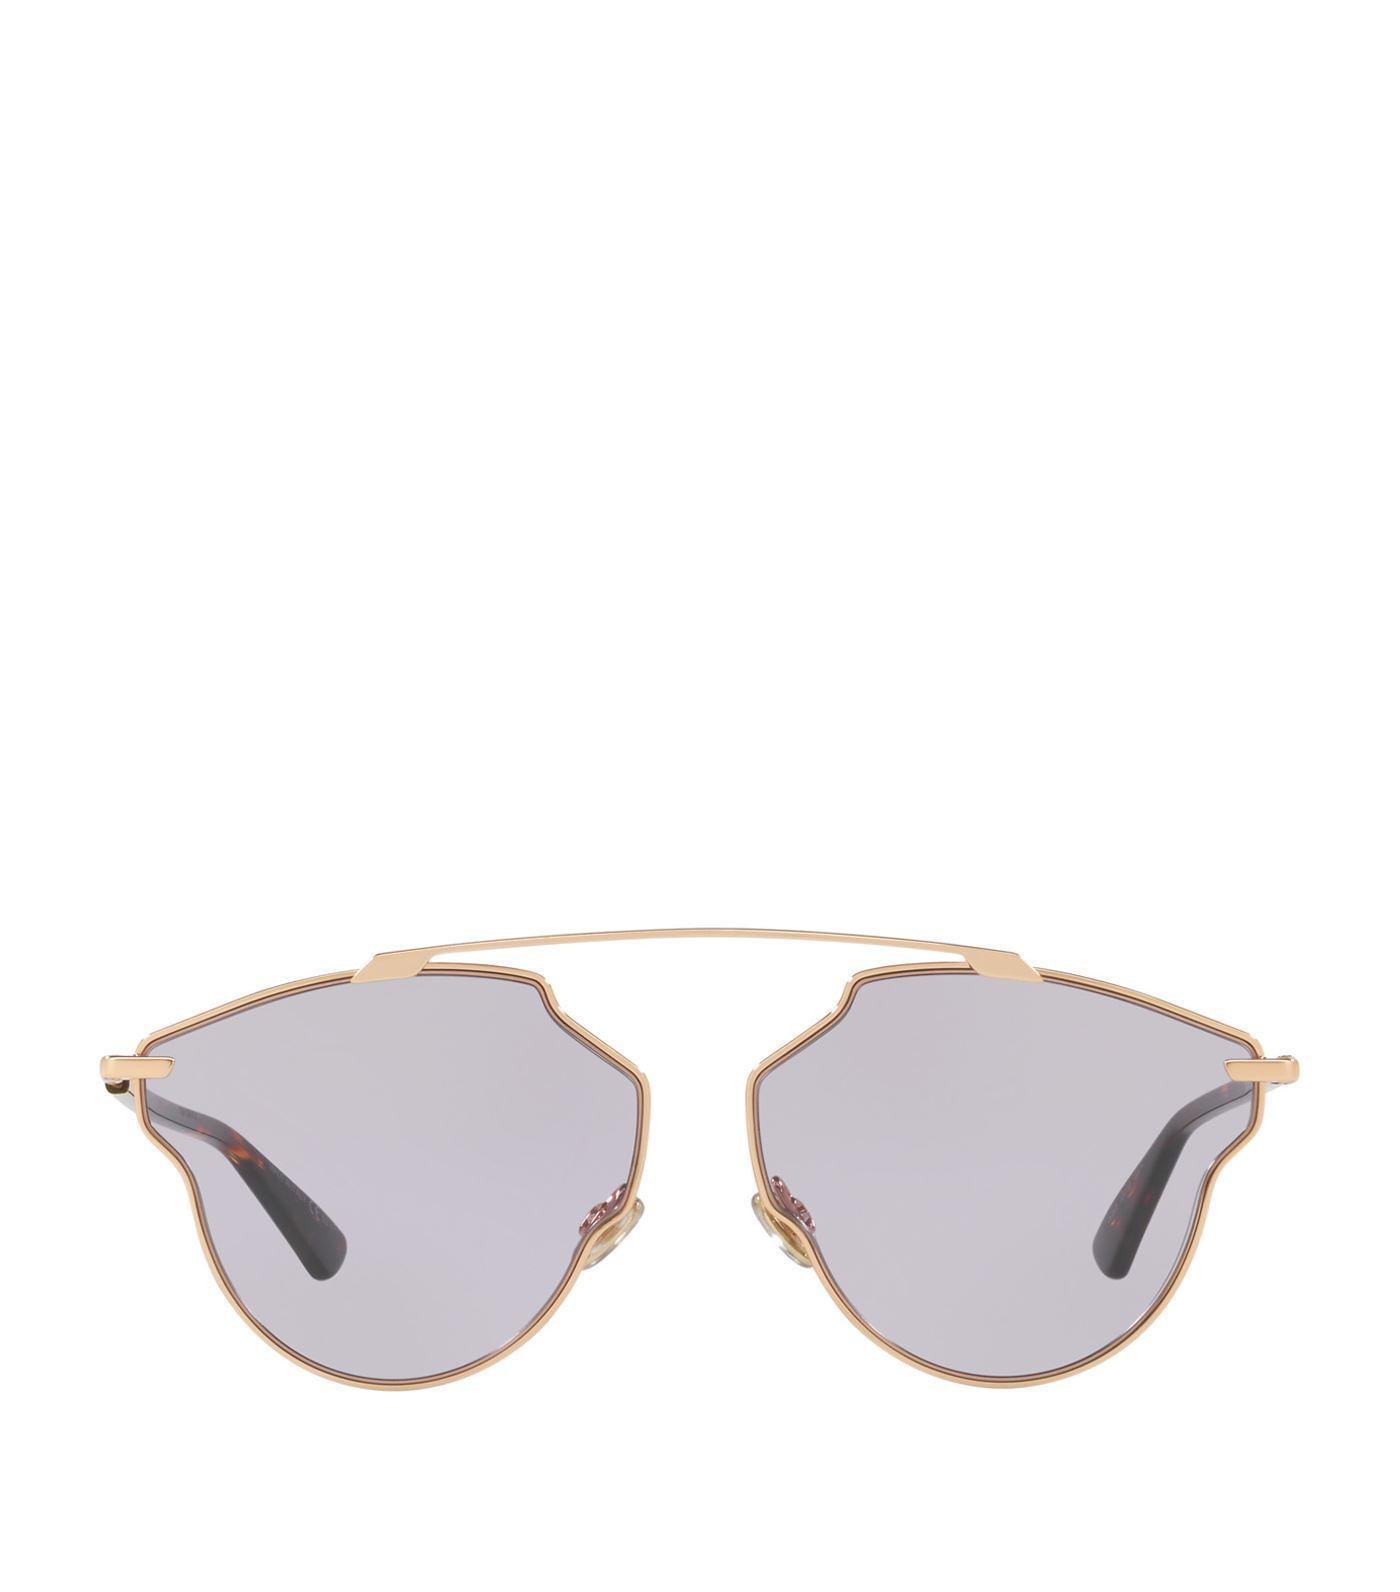 5de59896e0 Dior So Real Pop Brow Bar Pantos Sunglasses